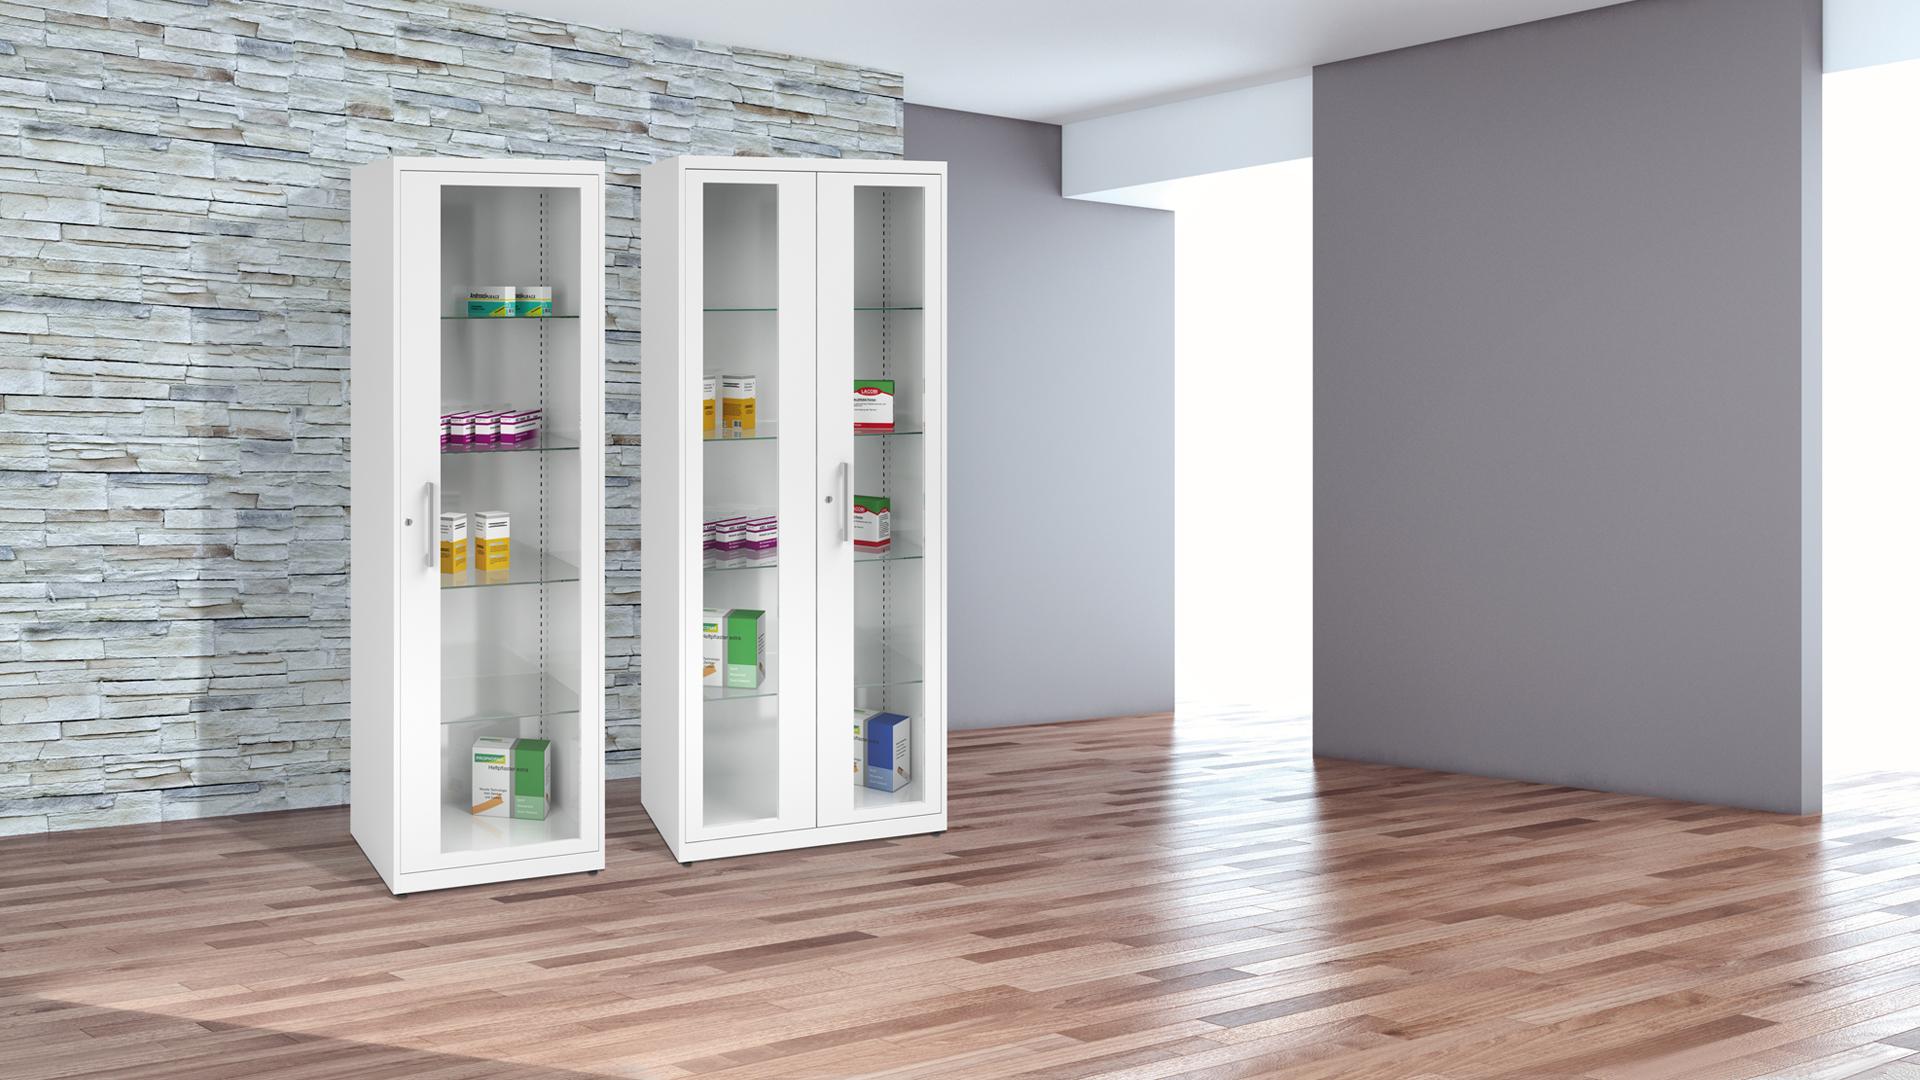 Schranksysteme-Spezialschrank-Medikamentenschrank-Fluegeltuer-client-kontoro-KFGM-mauser-slider